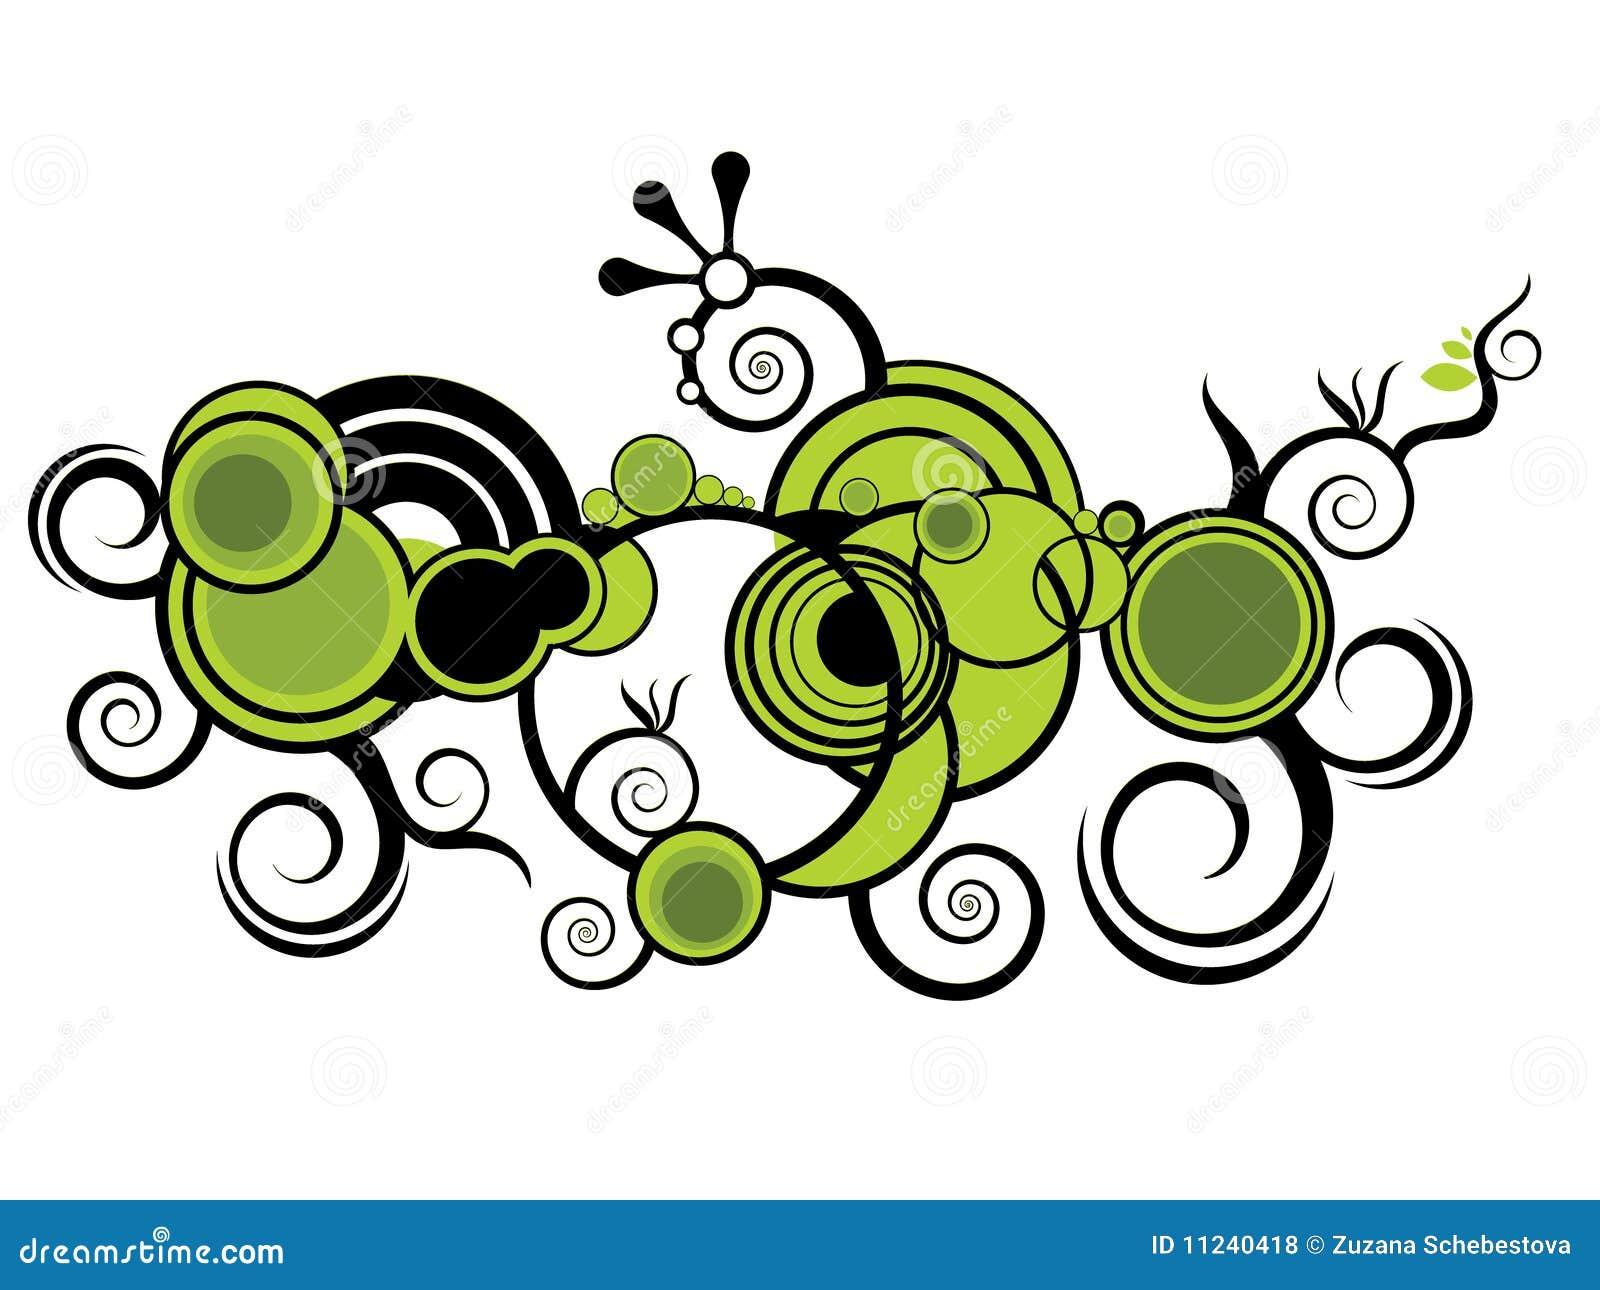 Dise o gr fico espiral del vector fotos de archivo libres - Diseno de fotos ...